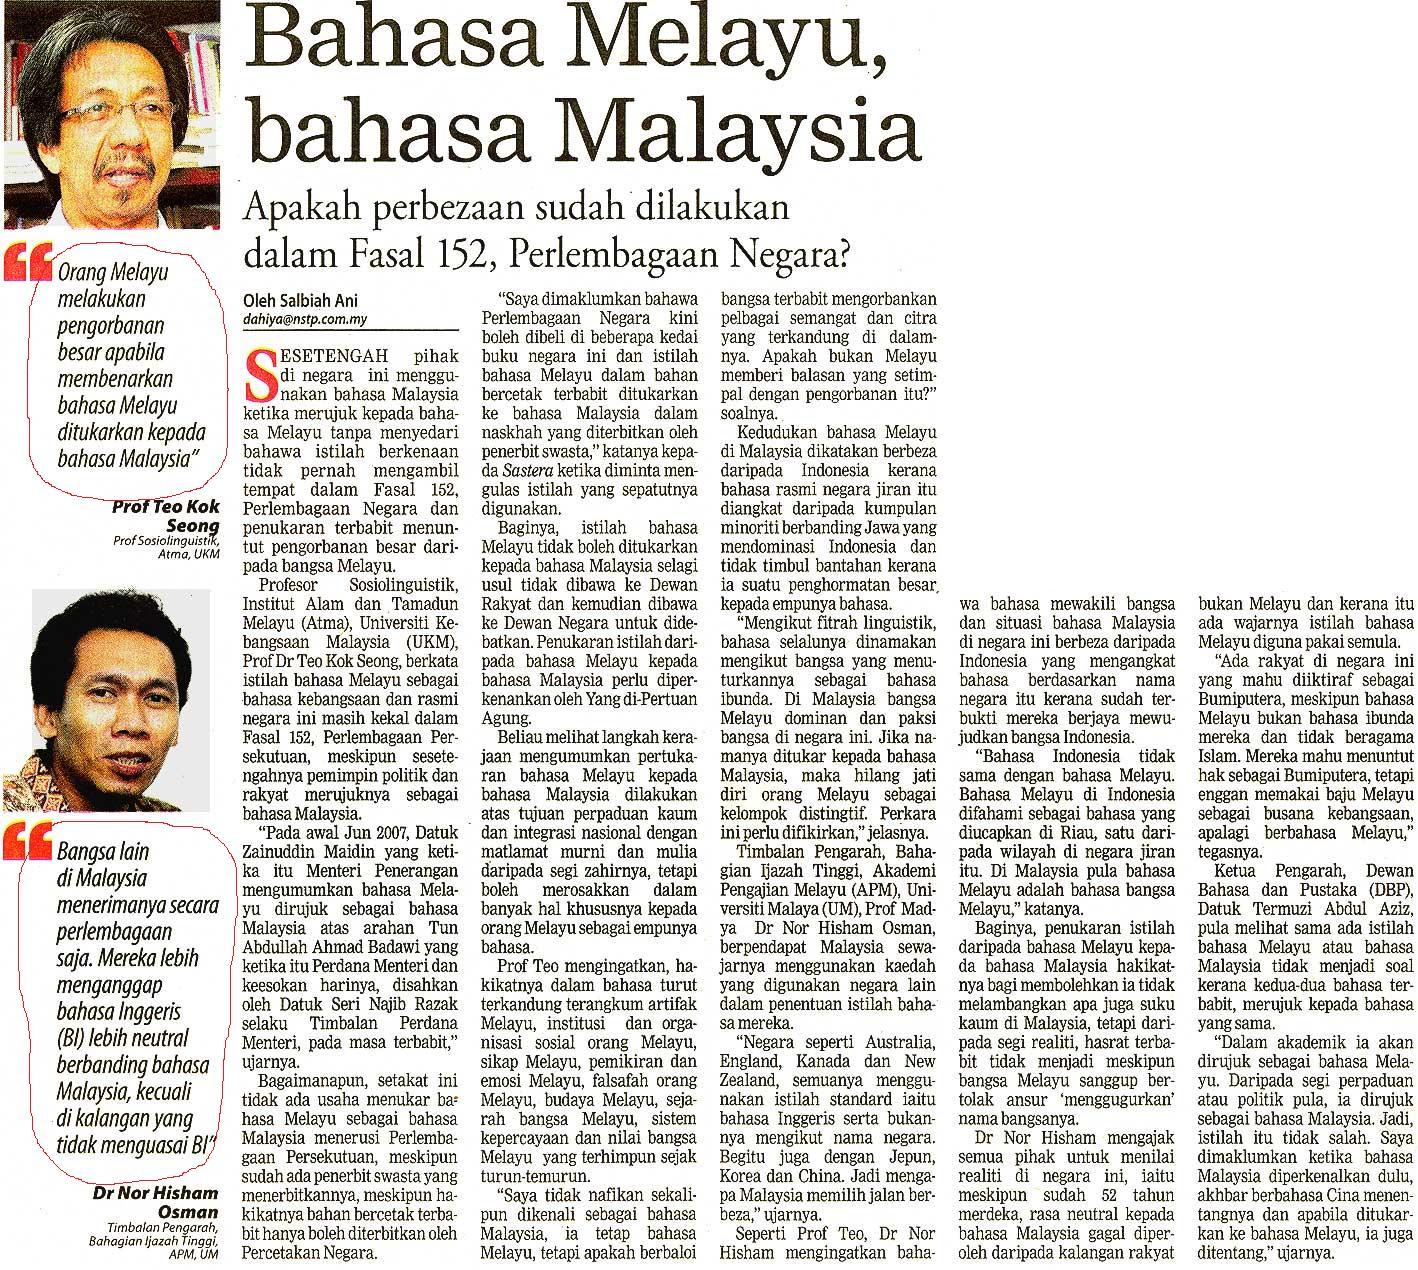 Penaku Berkata Apa Kata Mereka Tentang Bahasa Melayu